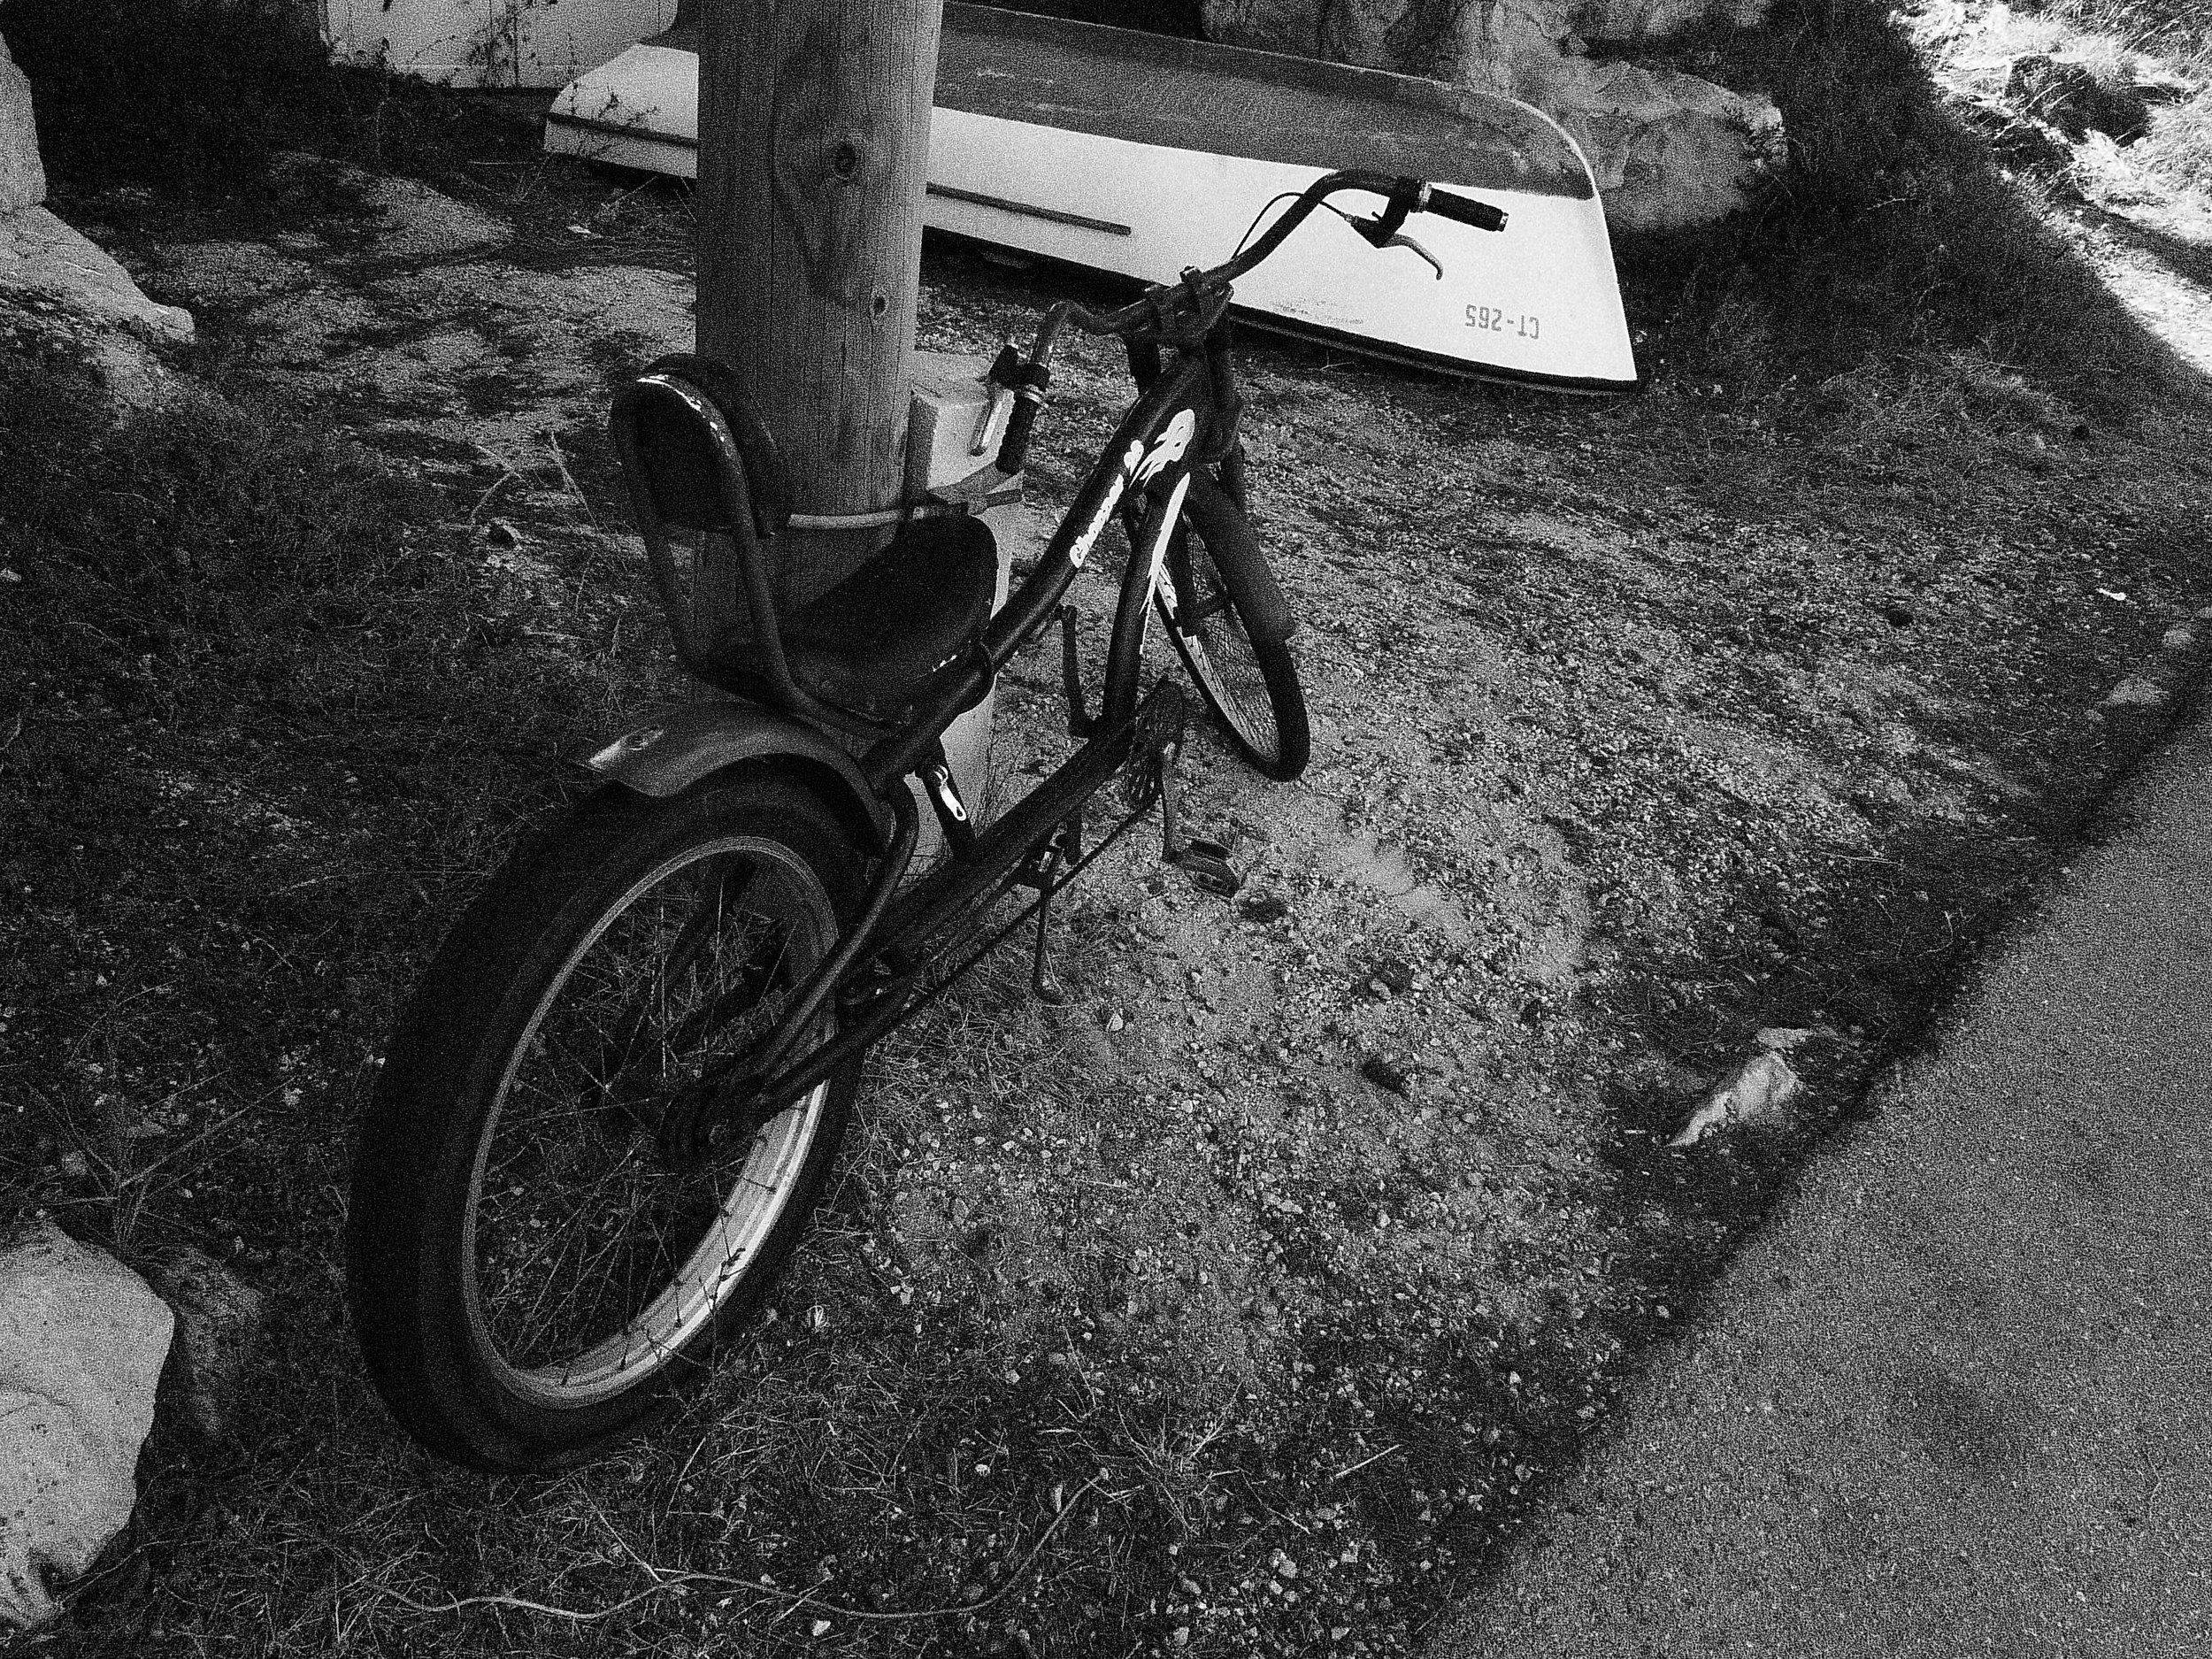 No Biking